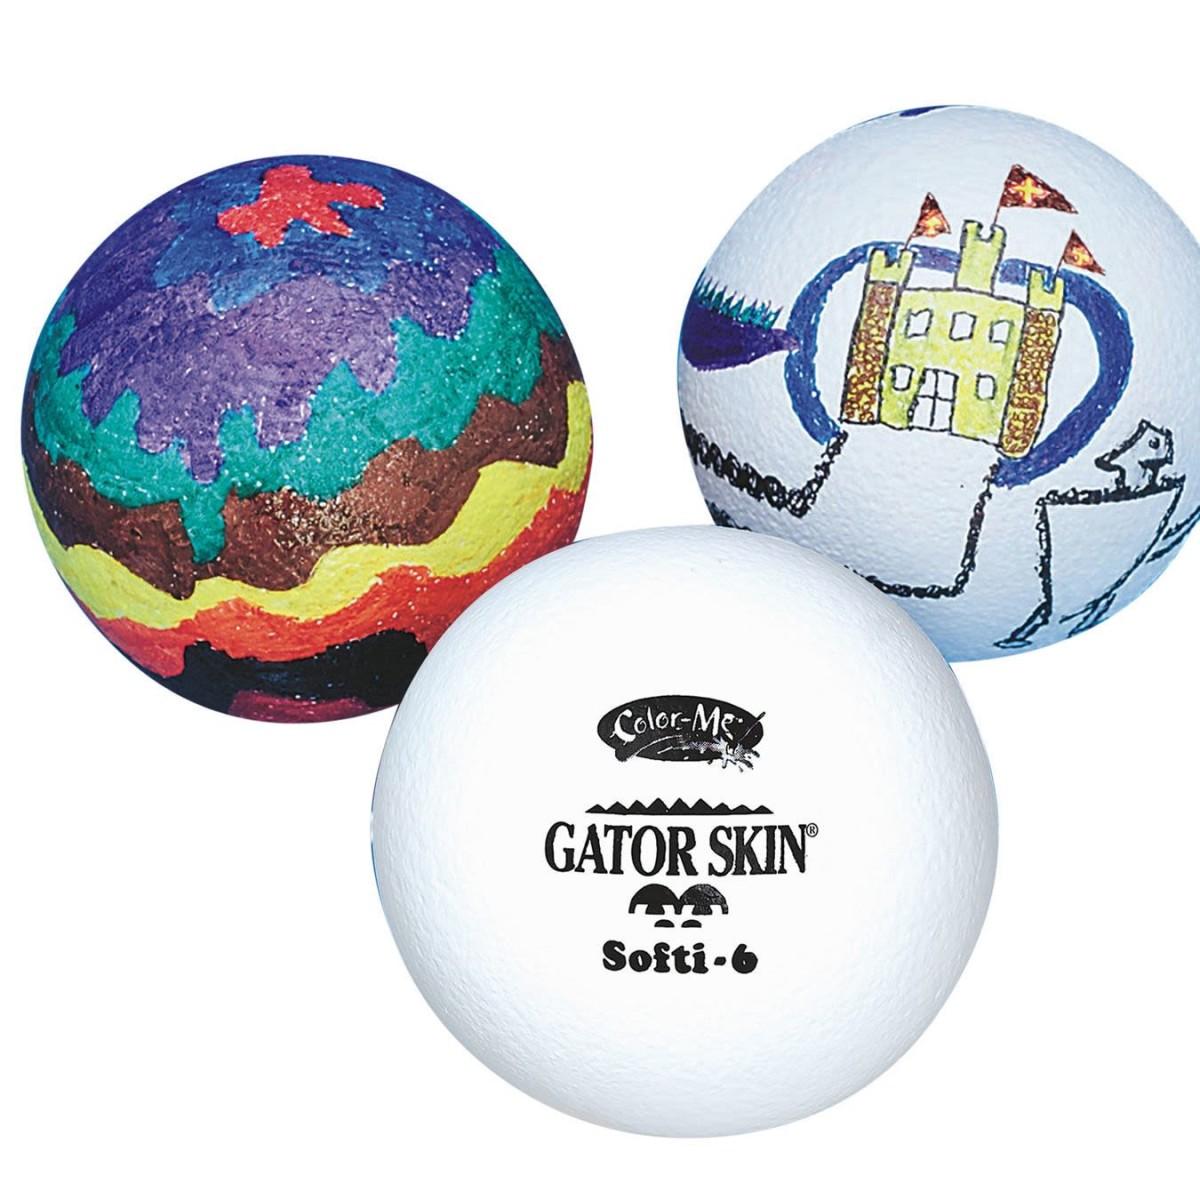 Gator Skin Dodgeballs 6 Gator Skin® Color-me™